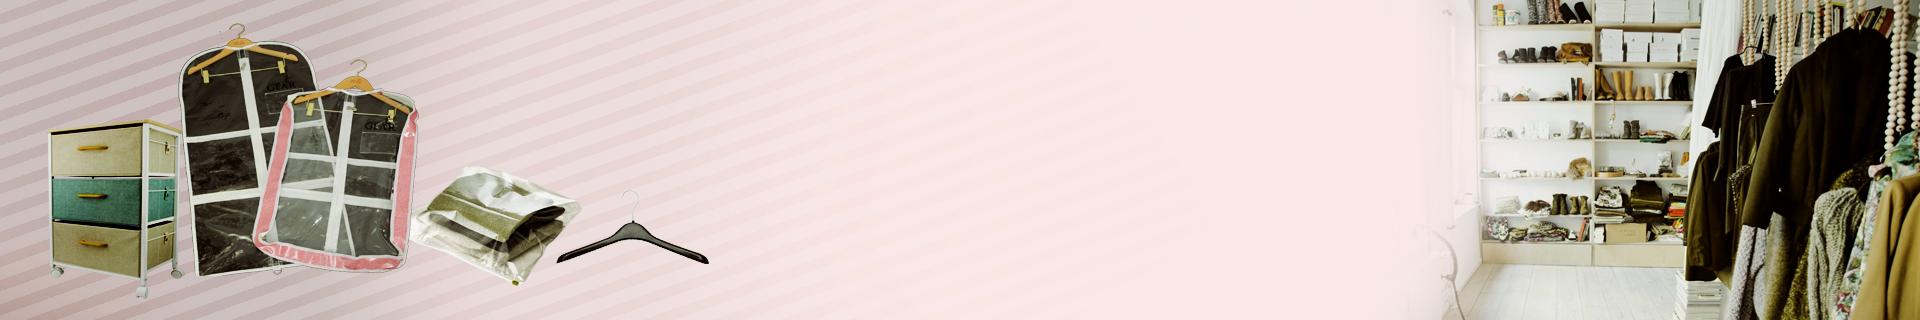 bbd0702da83 ▷ Classement   Guide d achat   Top cintres En Avr. 2019